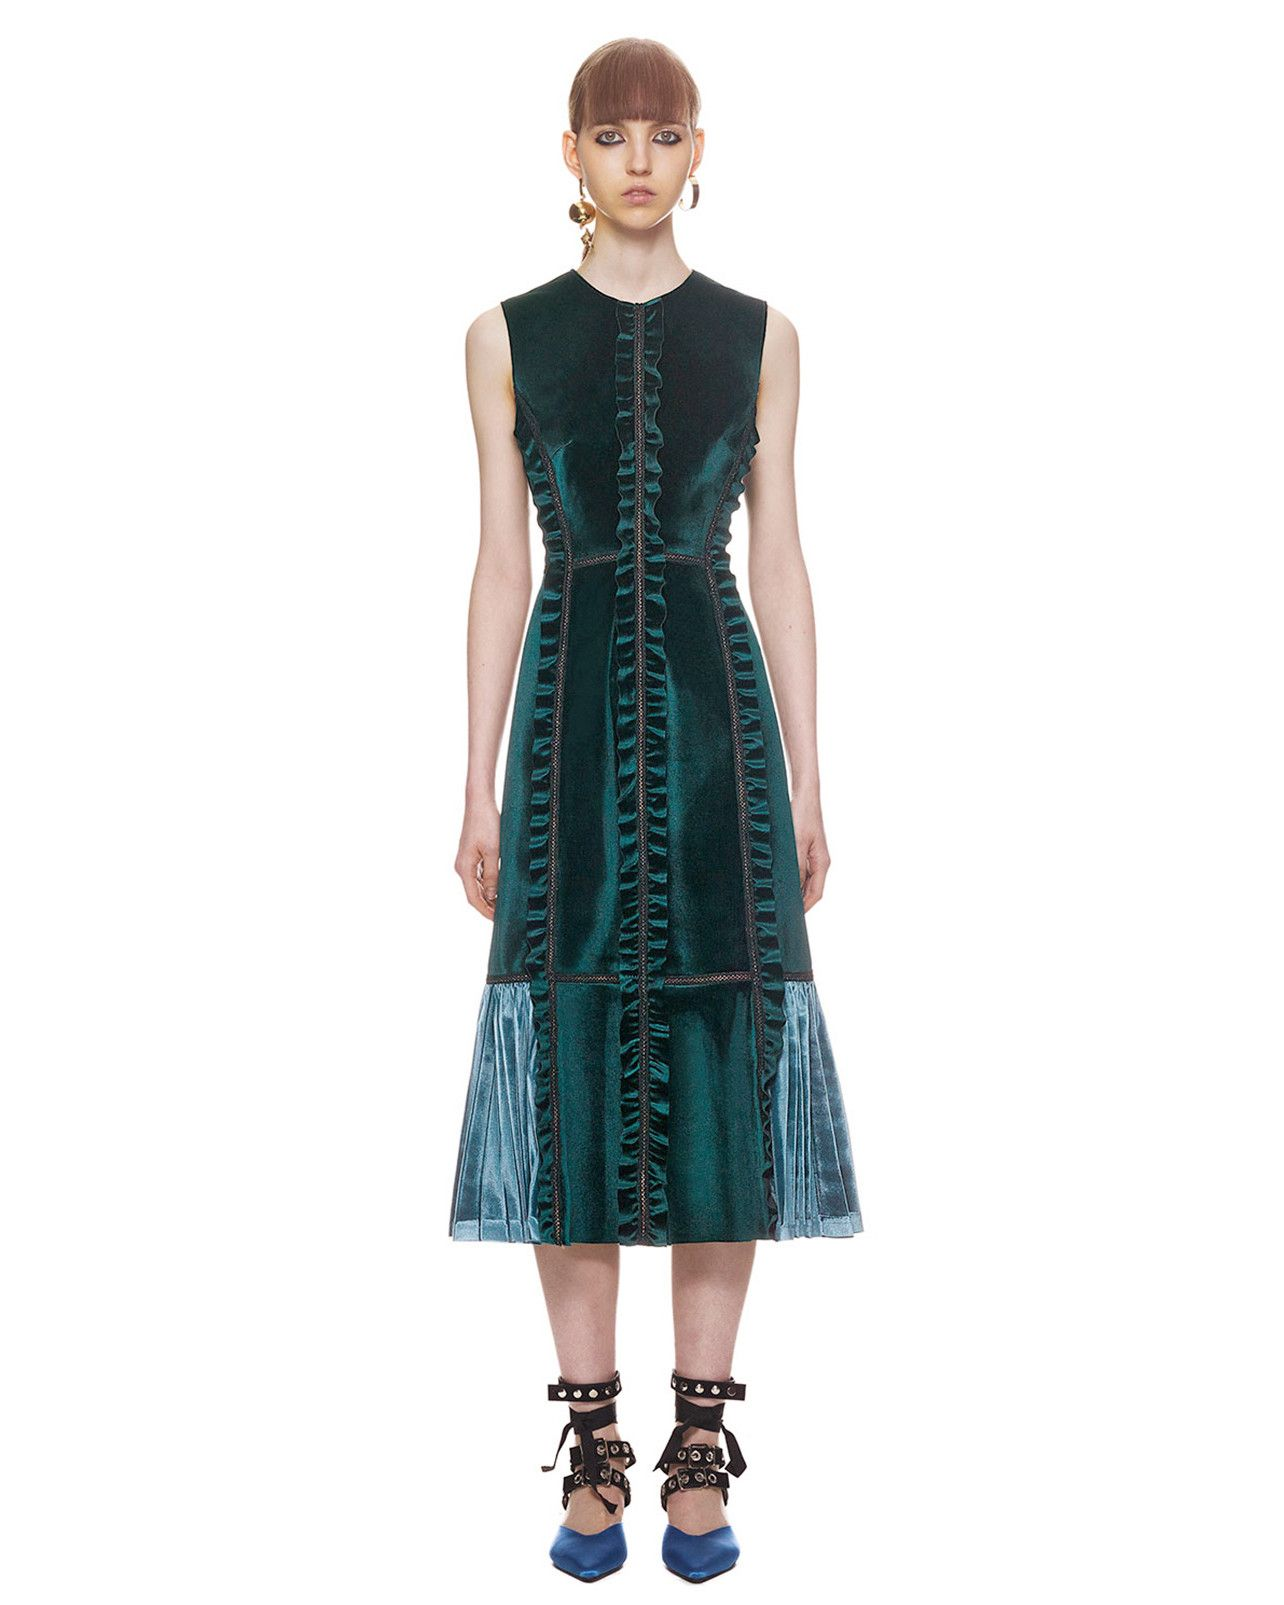 0686dab0f39 35 Sleeveless Mother-of-the-Bride and-Groom Dresses. Self-Portrait Velvet  Dress